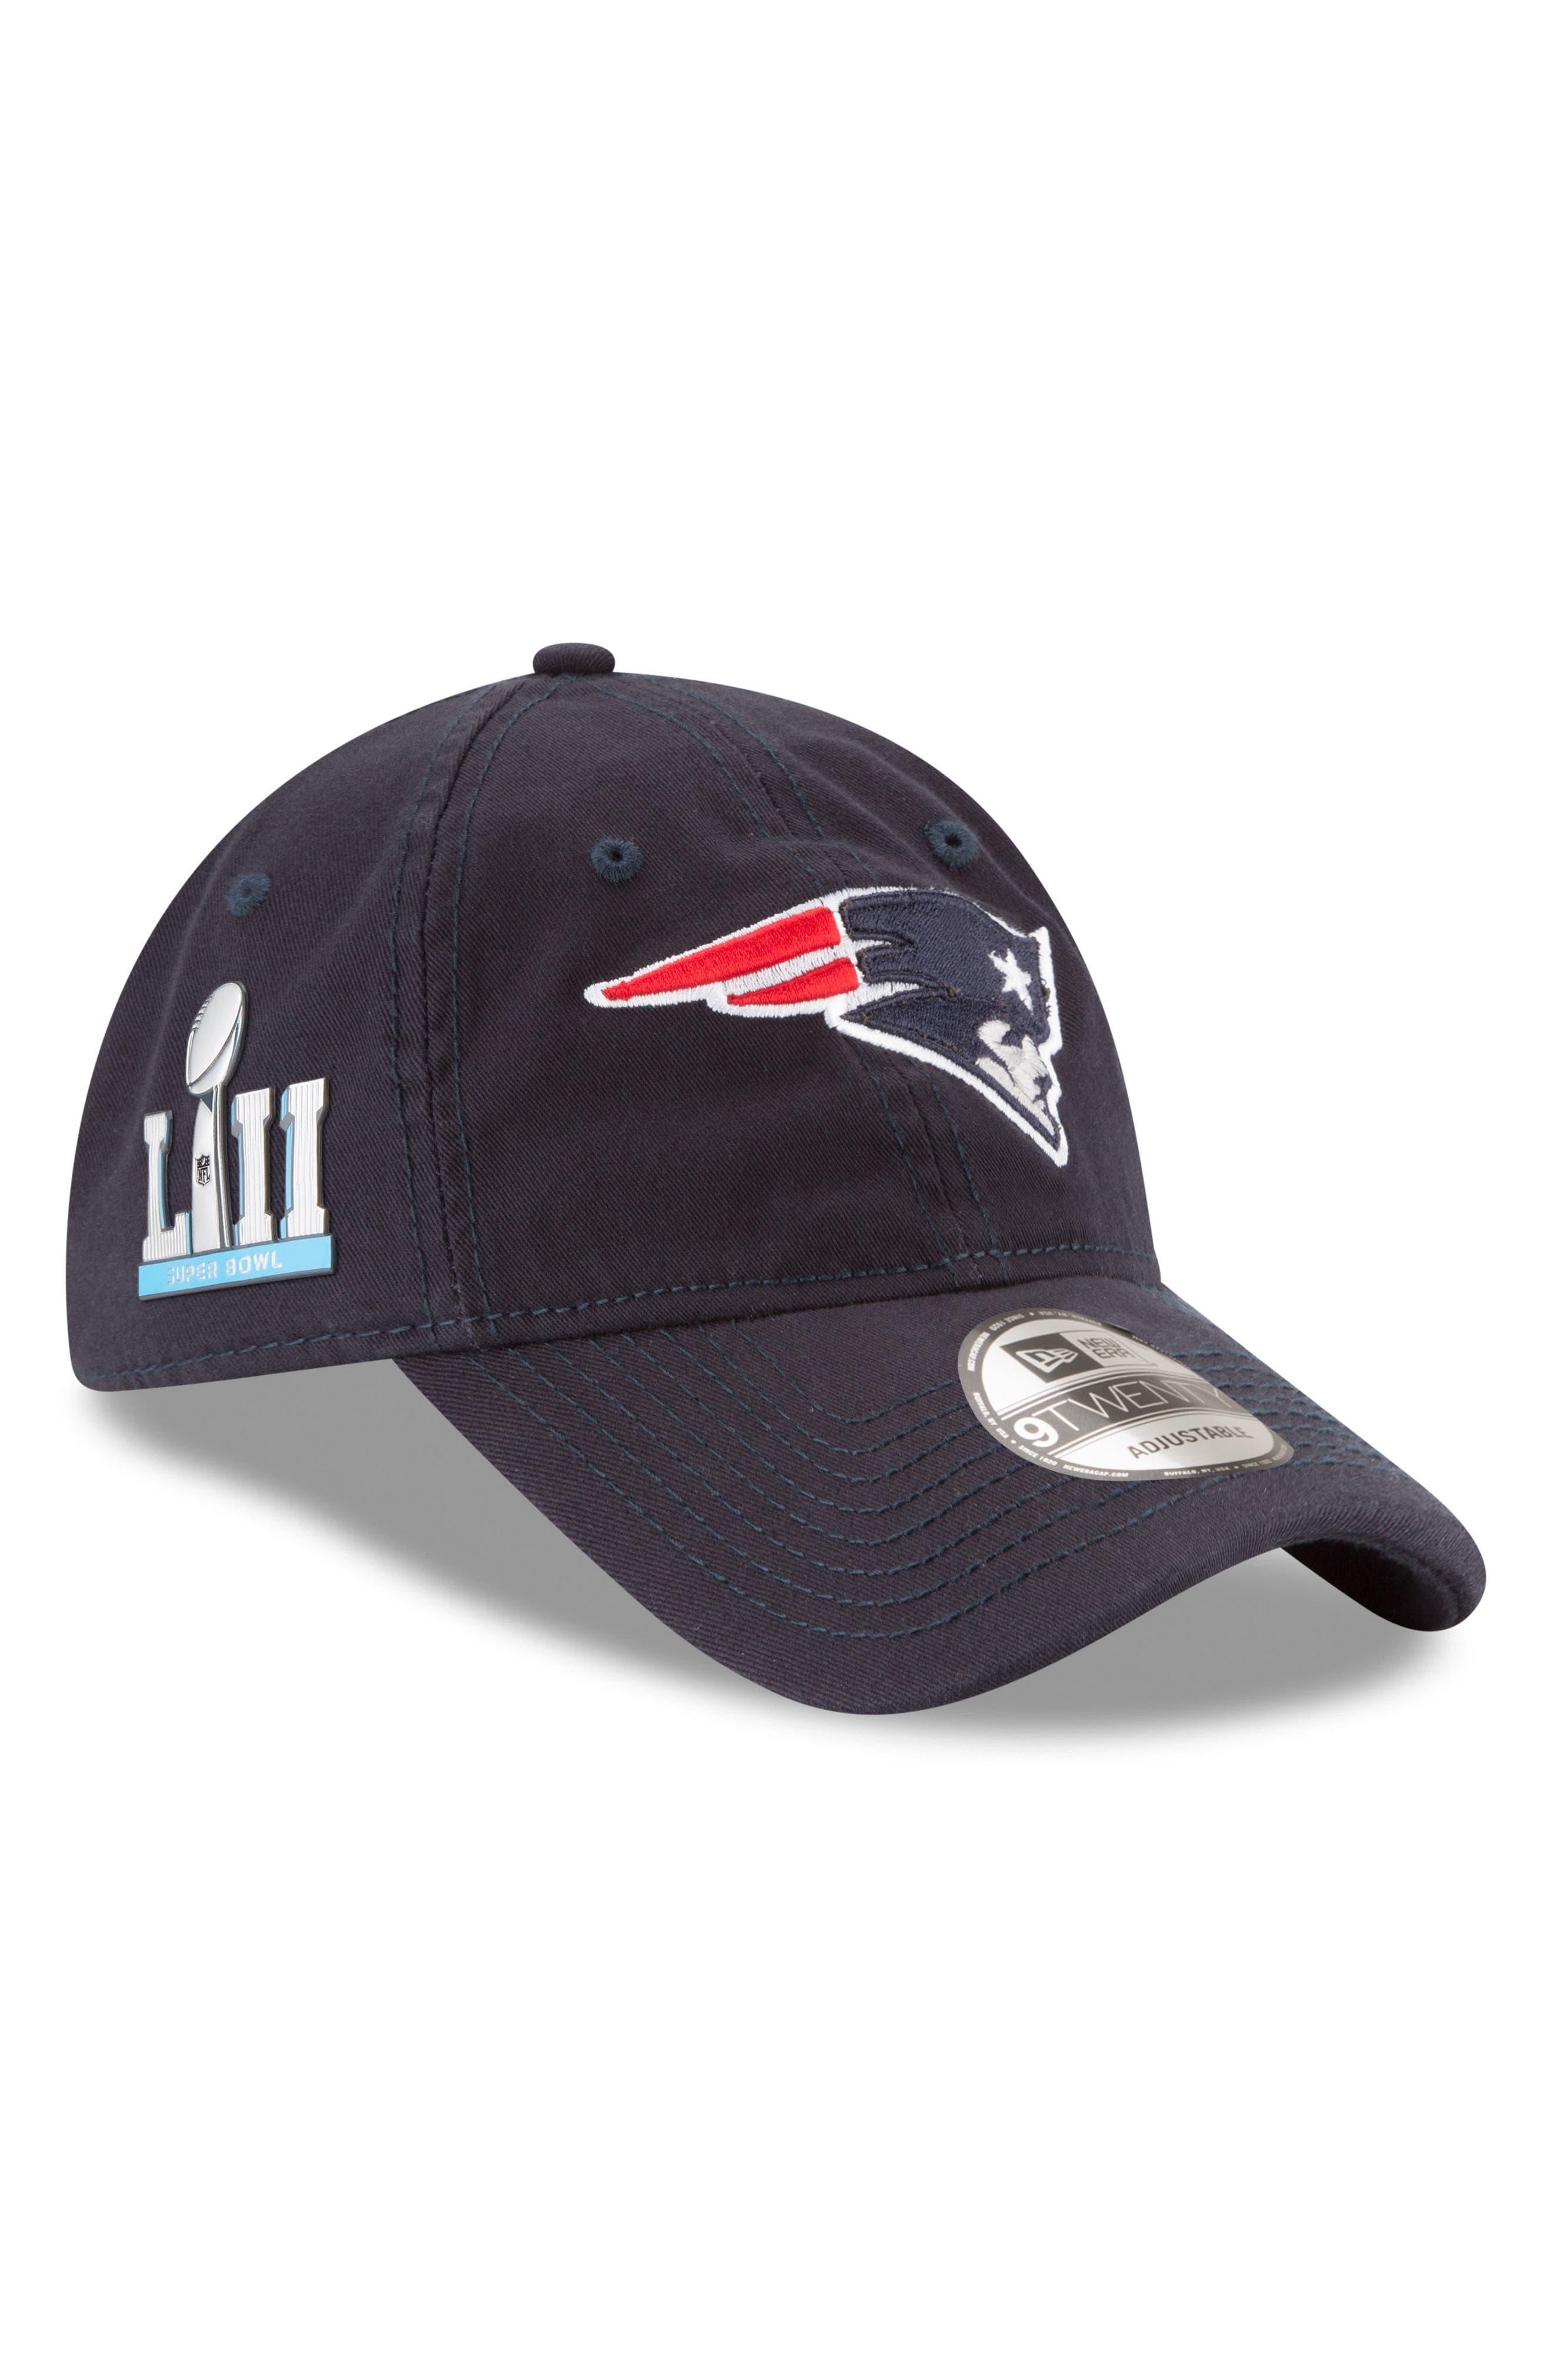 Alternate Image 1 Selected - New Era Cap NFL Super Bowl LII Cap